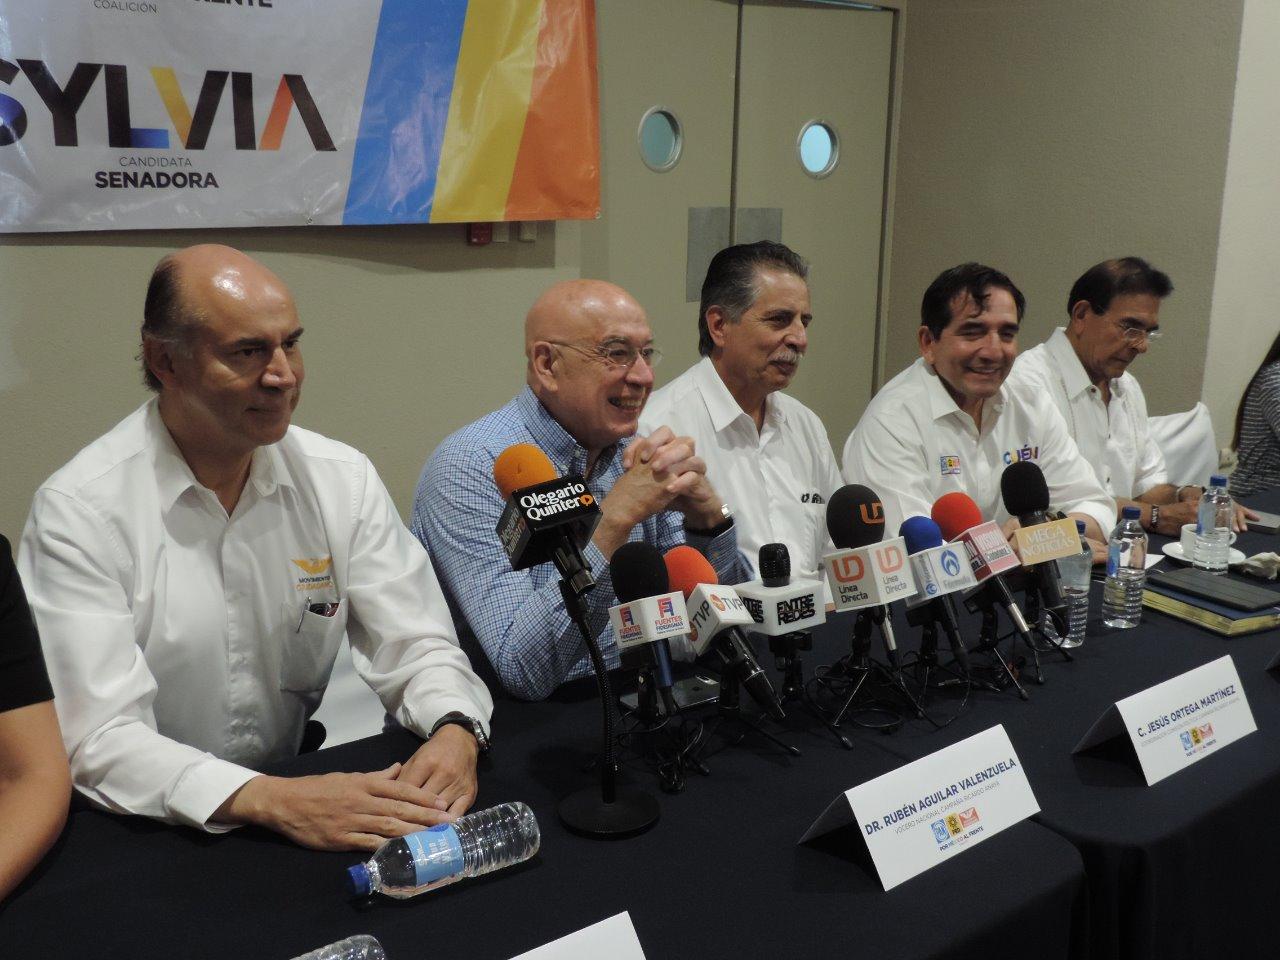 Exige vocero de Por México al Frente un alto al asesinato de candidatos